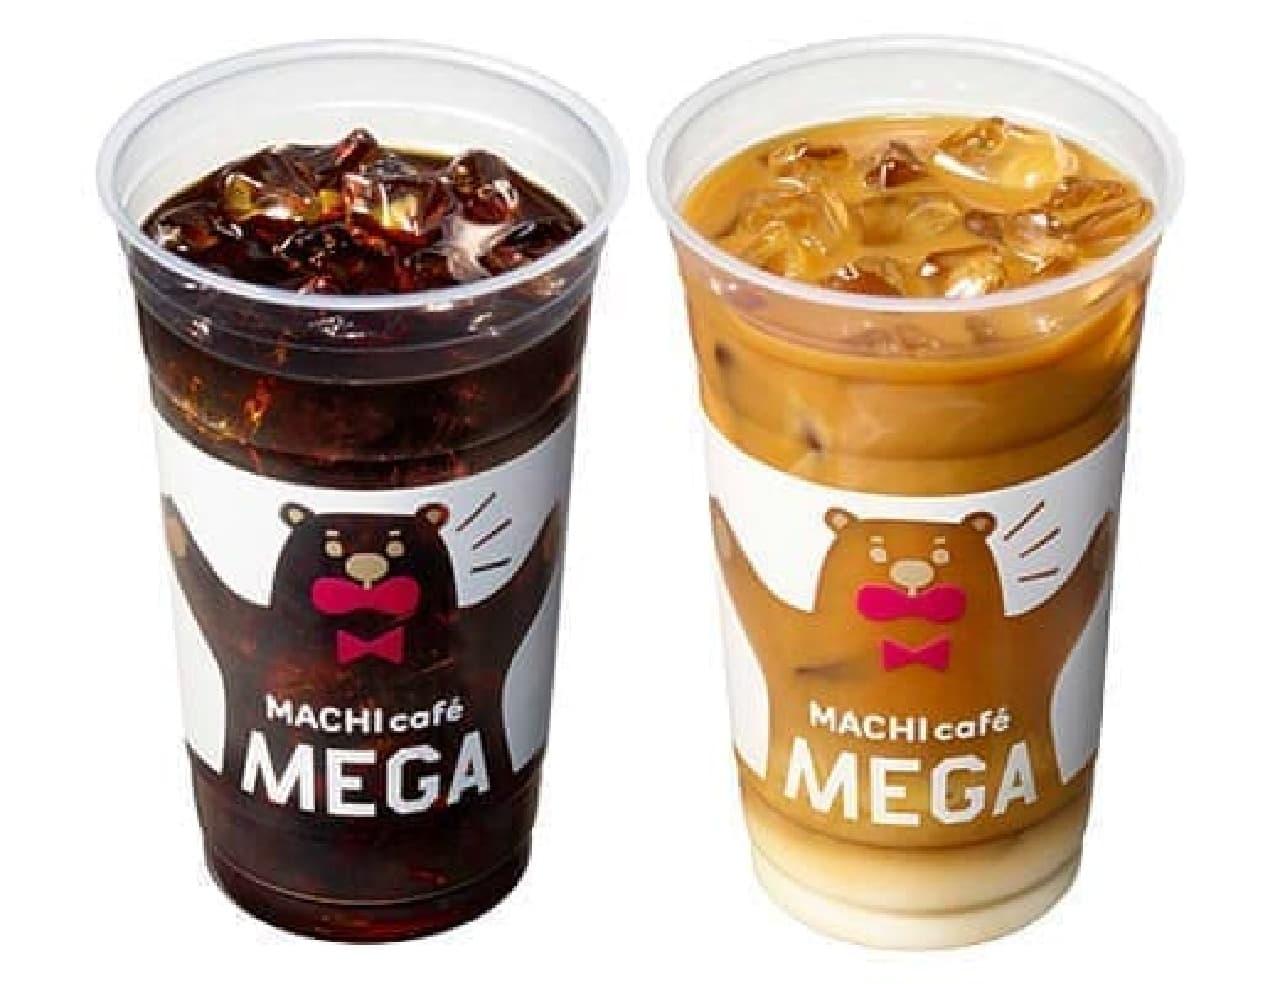 ローソン「メガ アイスコーヒー」「メガ カフェラテ」